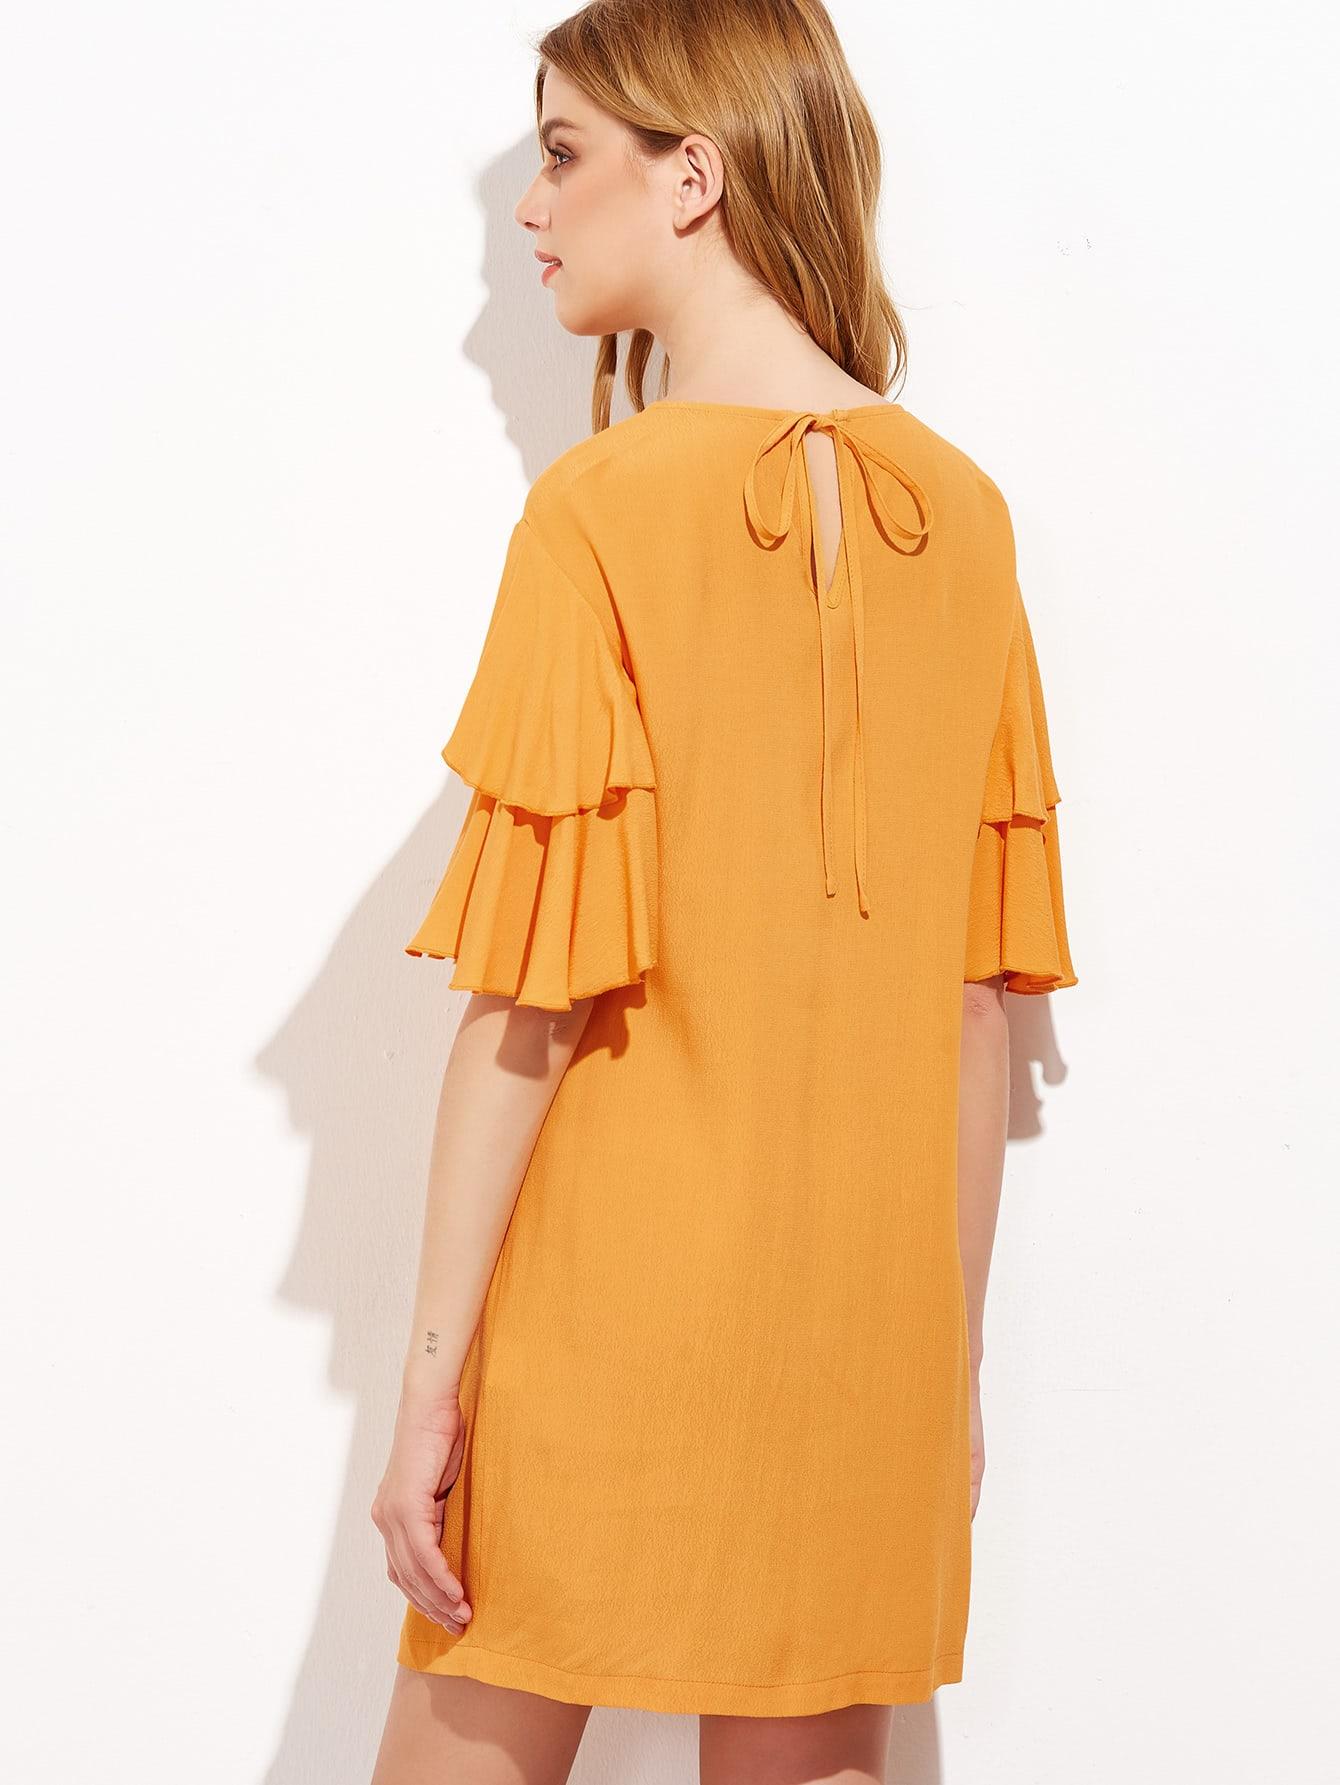 dress161118725_2